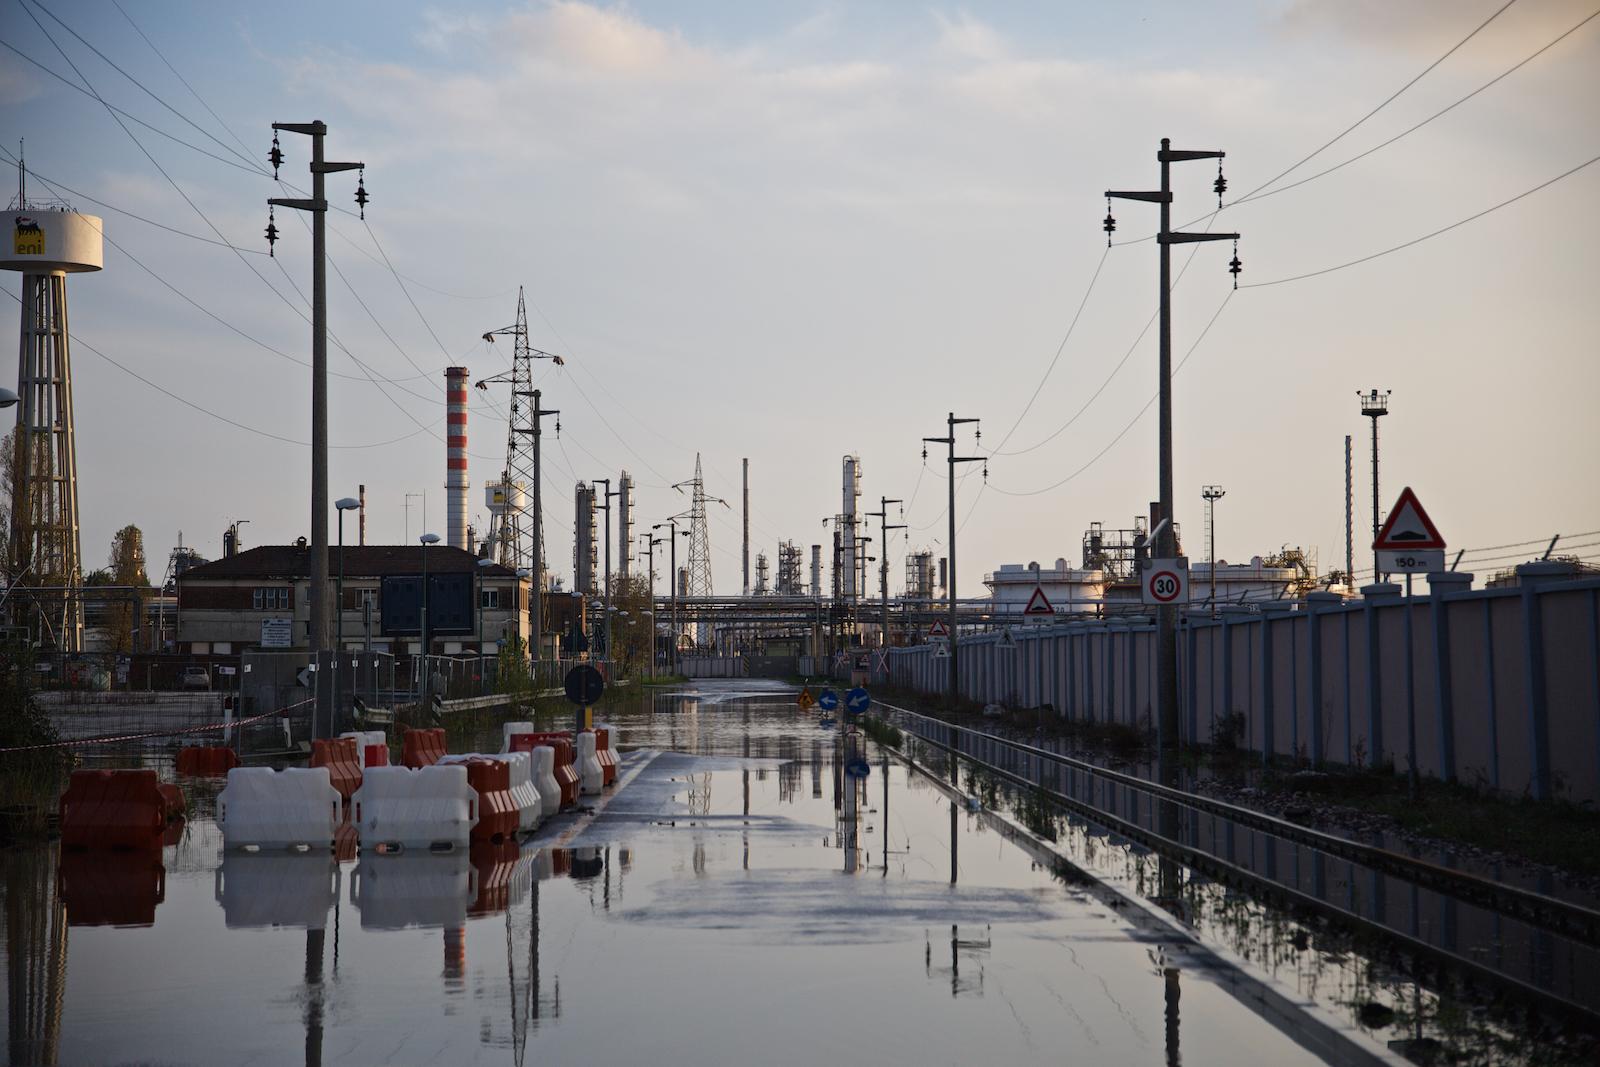 Via dei Petroli, ingresso della raffineria ENI, nella Prima Zona Industriale di Porto Marghera, recentemente convertita a impianto per la fabbricazione di bio-carburanti. Marghera, Novembre 2014.